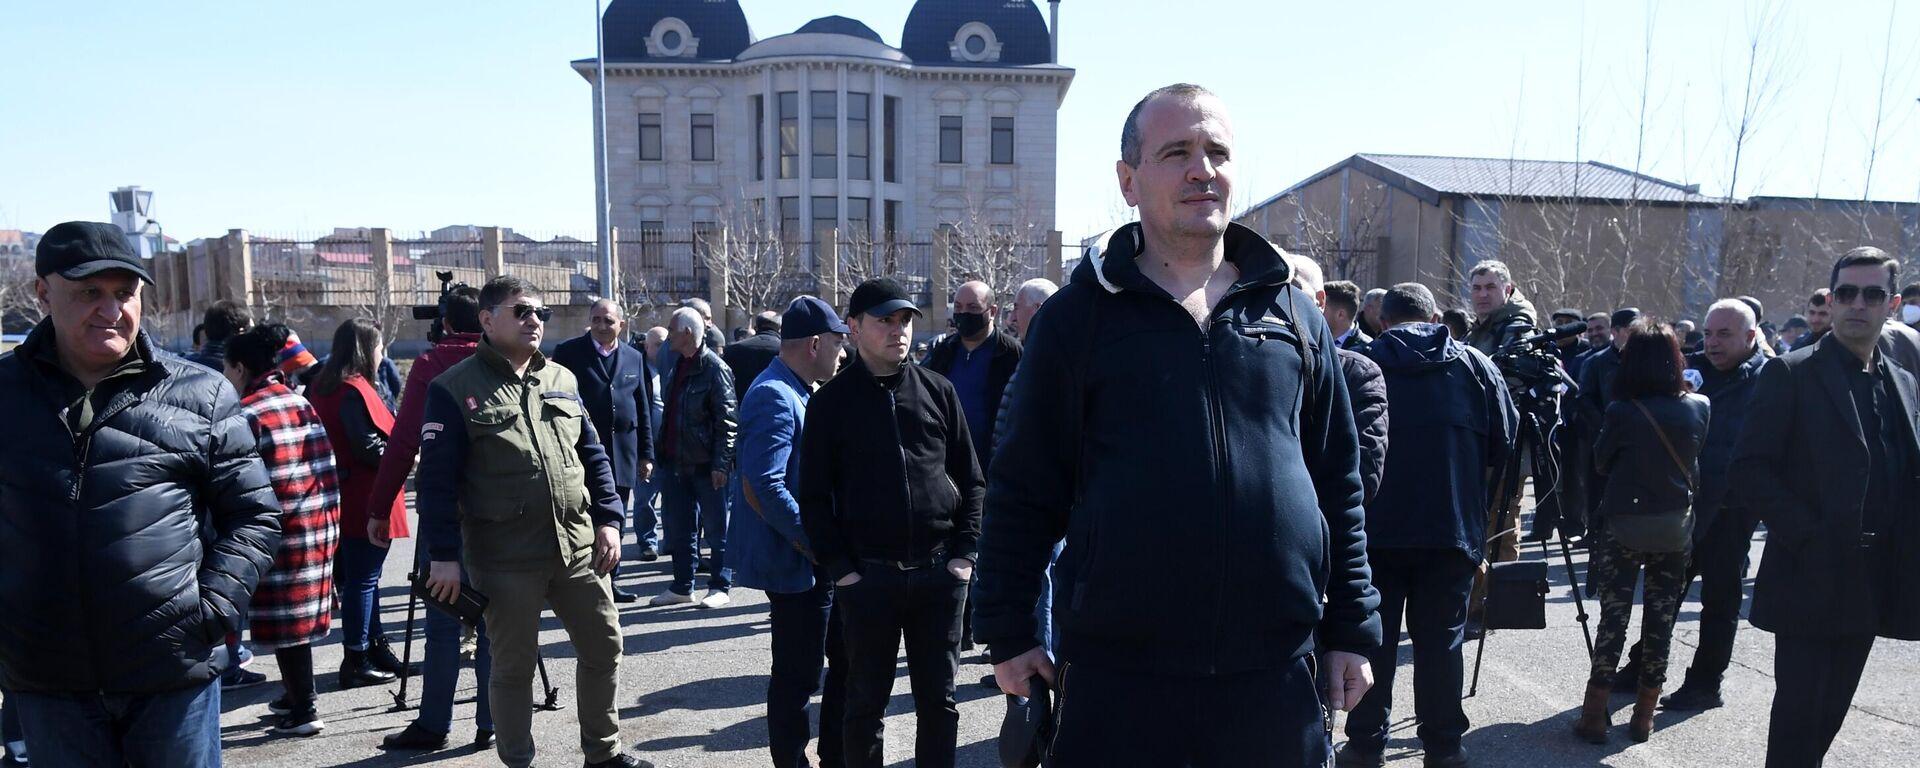 Proteste gegen Premierminister Paschinjan in Jerewan (06.03.2021) - SNA, 1920, 06.03.2021